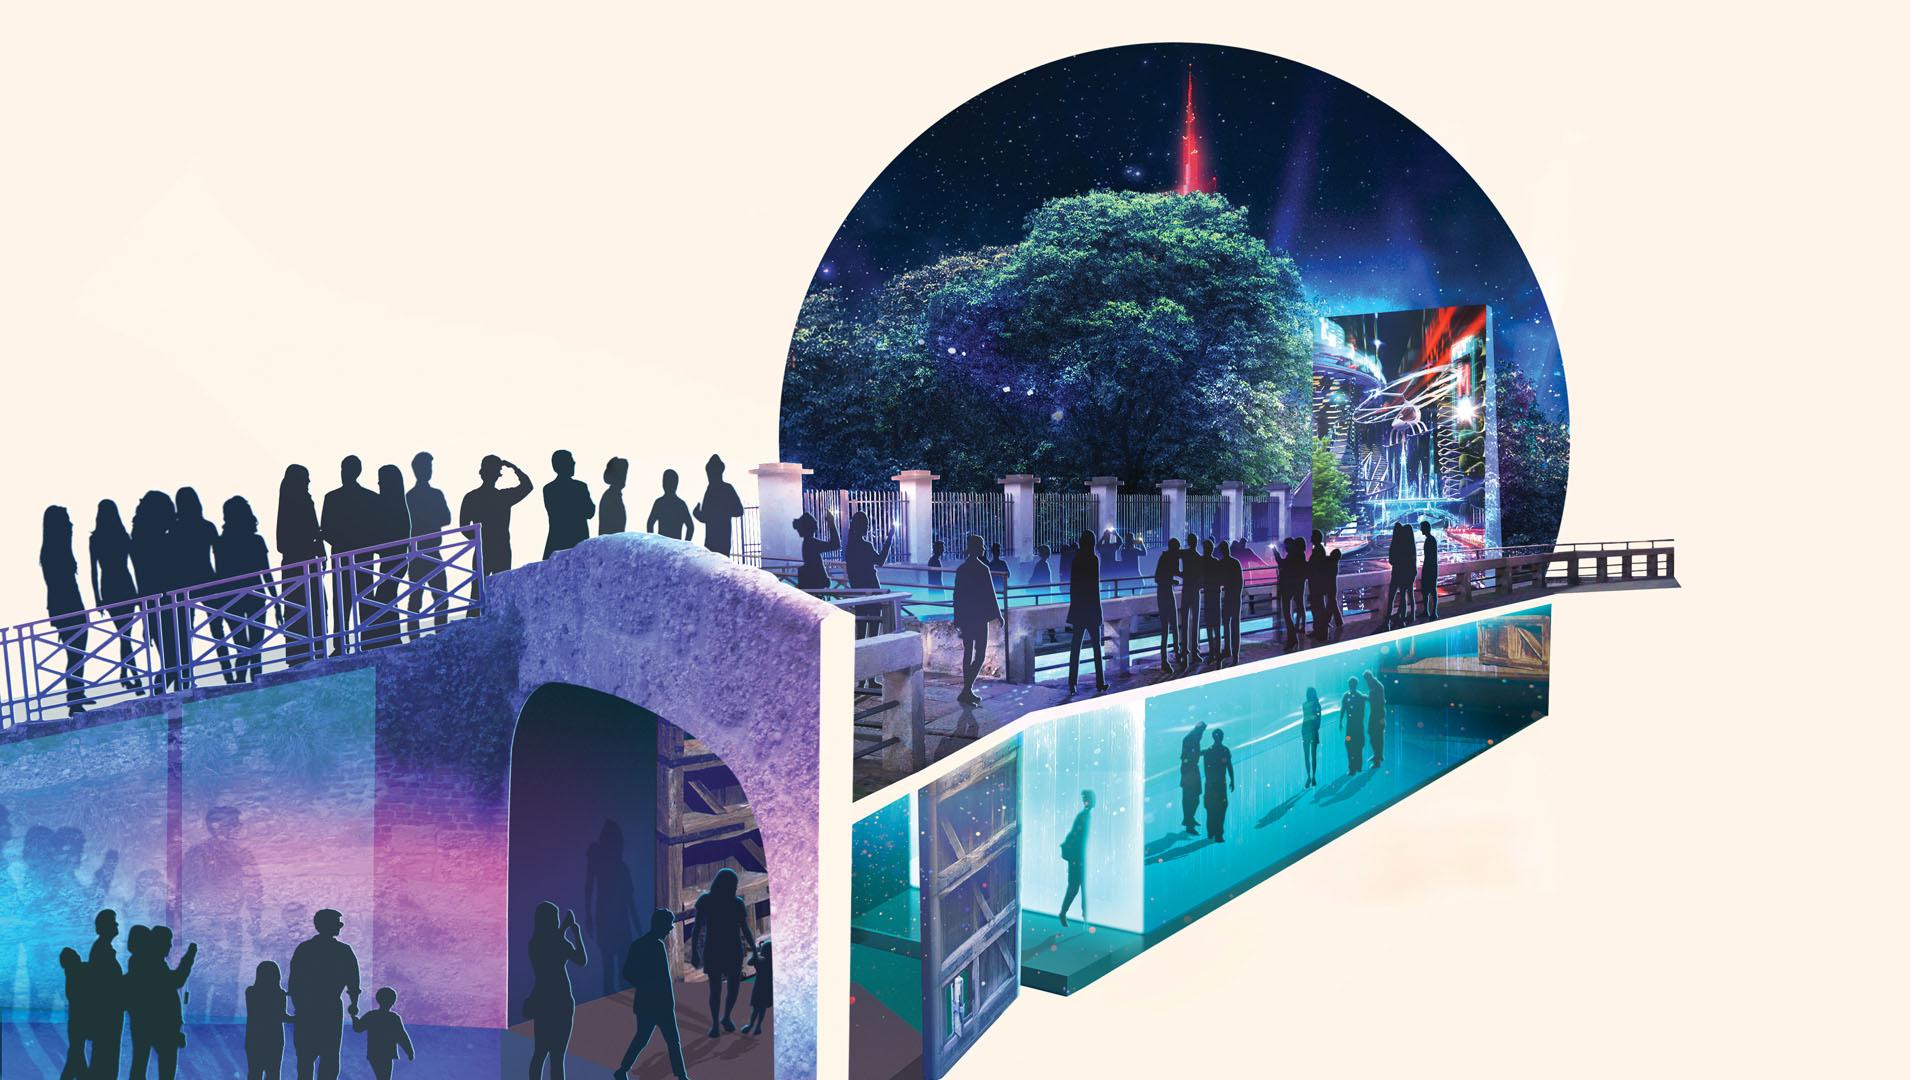 Salone del Mobile 2019 Celebrates Leonardo Da Vinci salone del mobile Salone del Mobile 2019 Edition Pays Homage To Leonardo Da Vinci Salone del Mobile 2019 Celebrates Leonardo Da Vinci 1